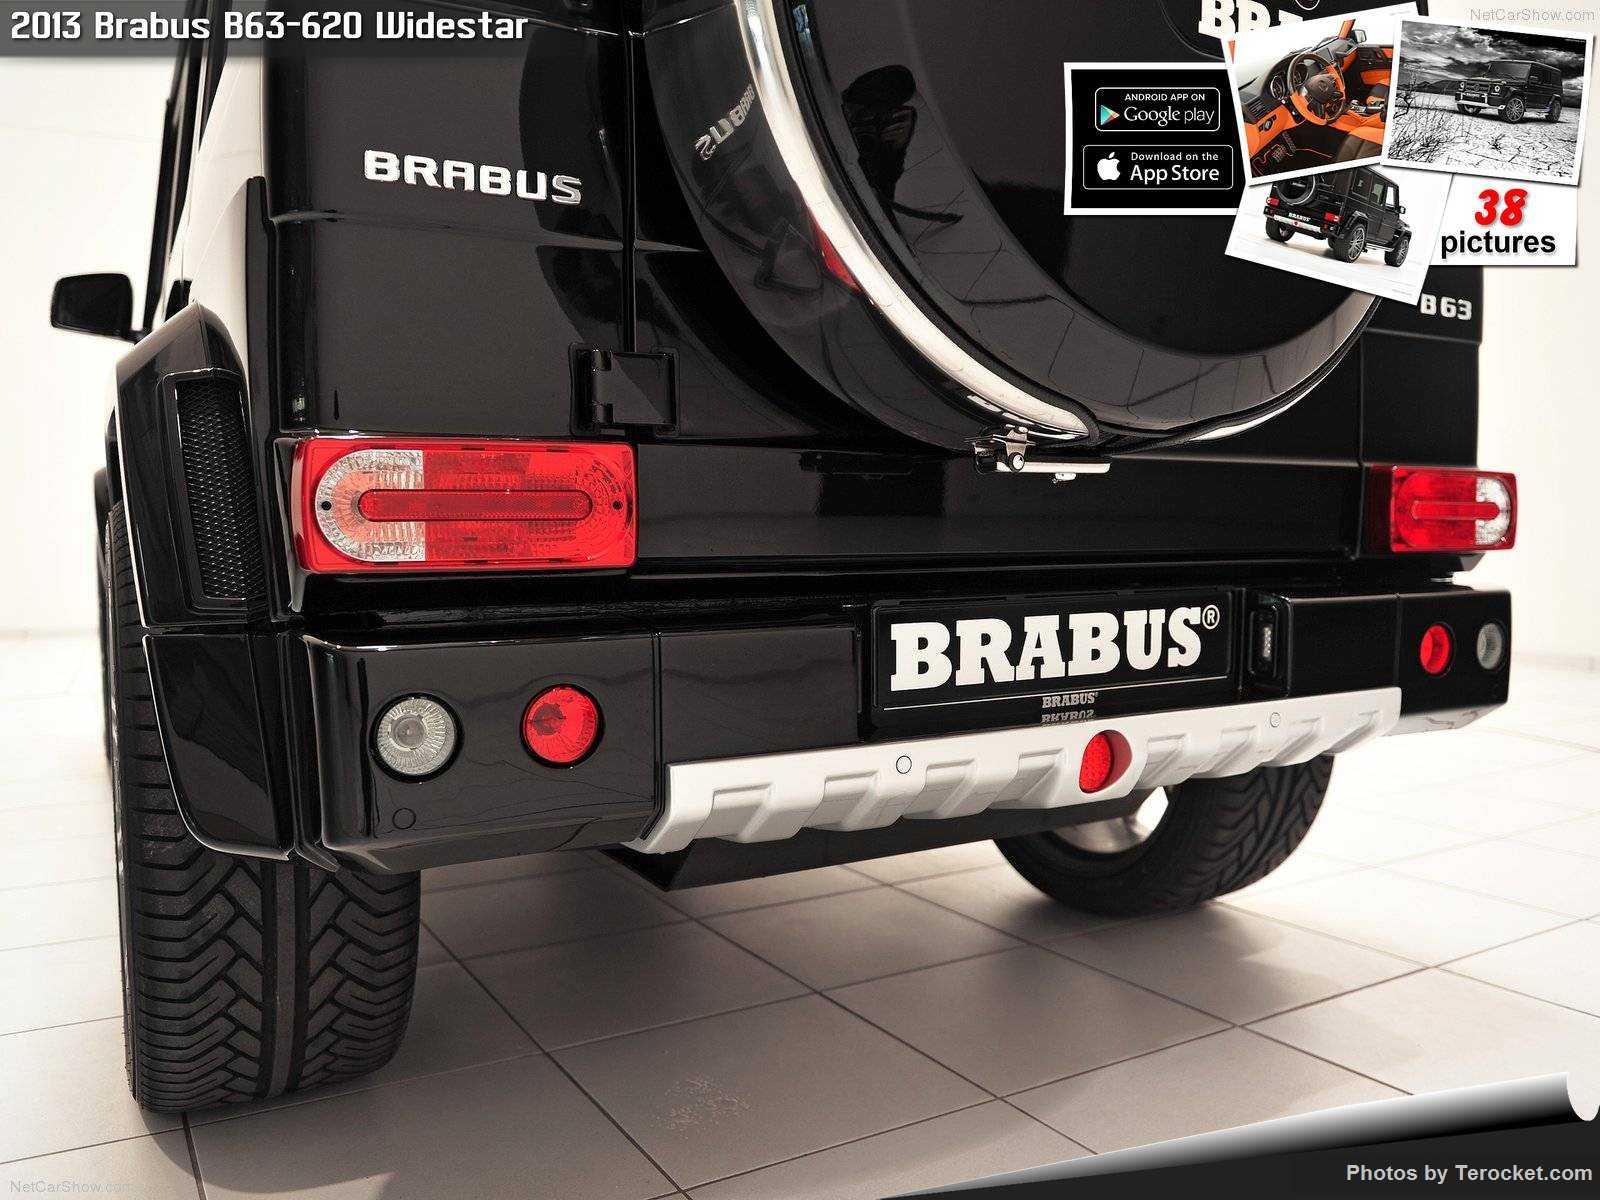 Hình ảnh xe ô tô Brabus B63-620 Widestar 2013 & nội ngoại thất